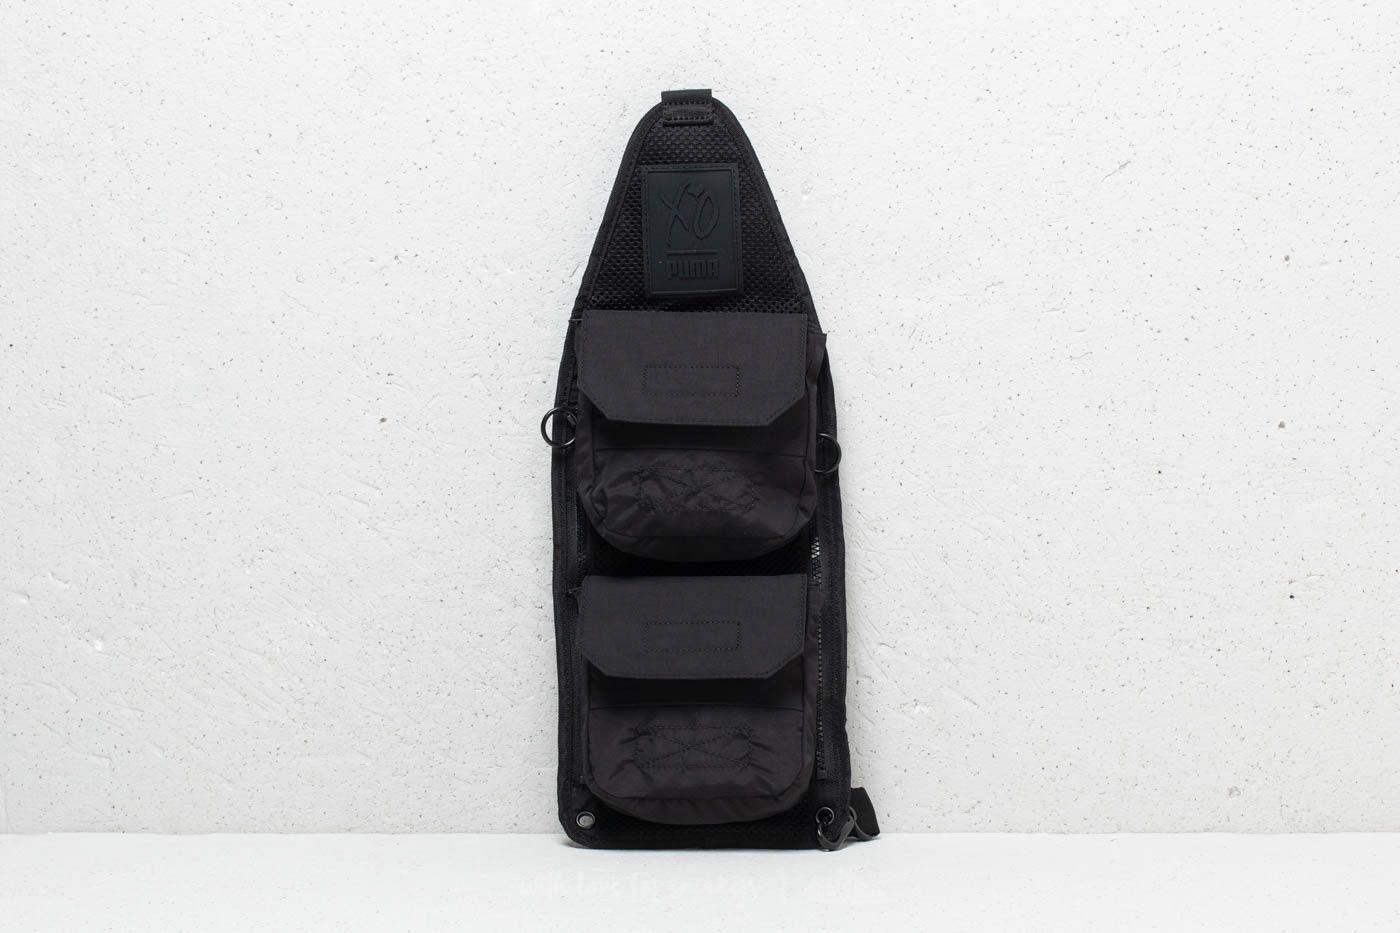 74eb51a3d1c Lyst - PUMA X Xo X-body Bag Black in Black for Men